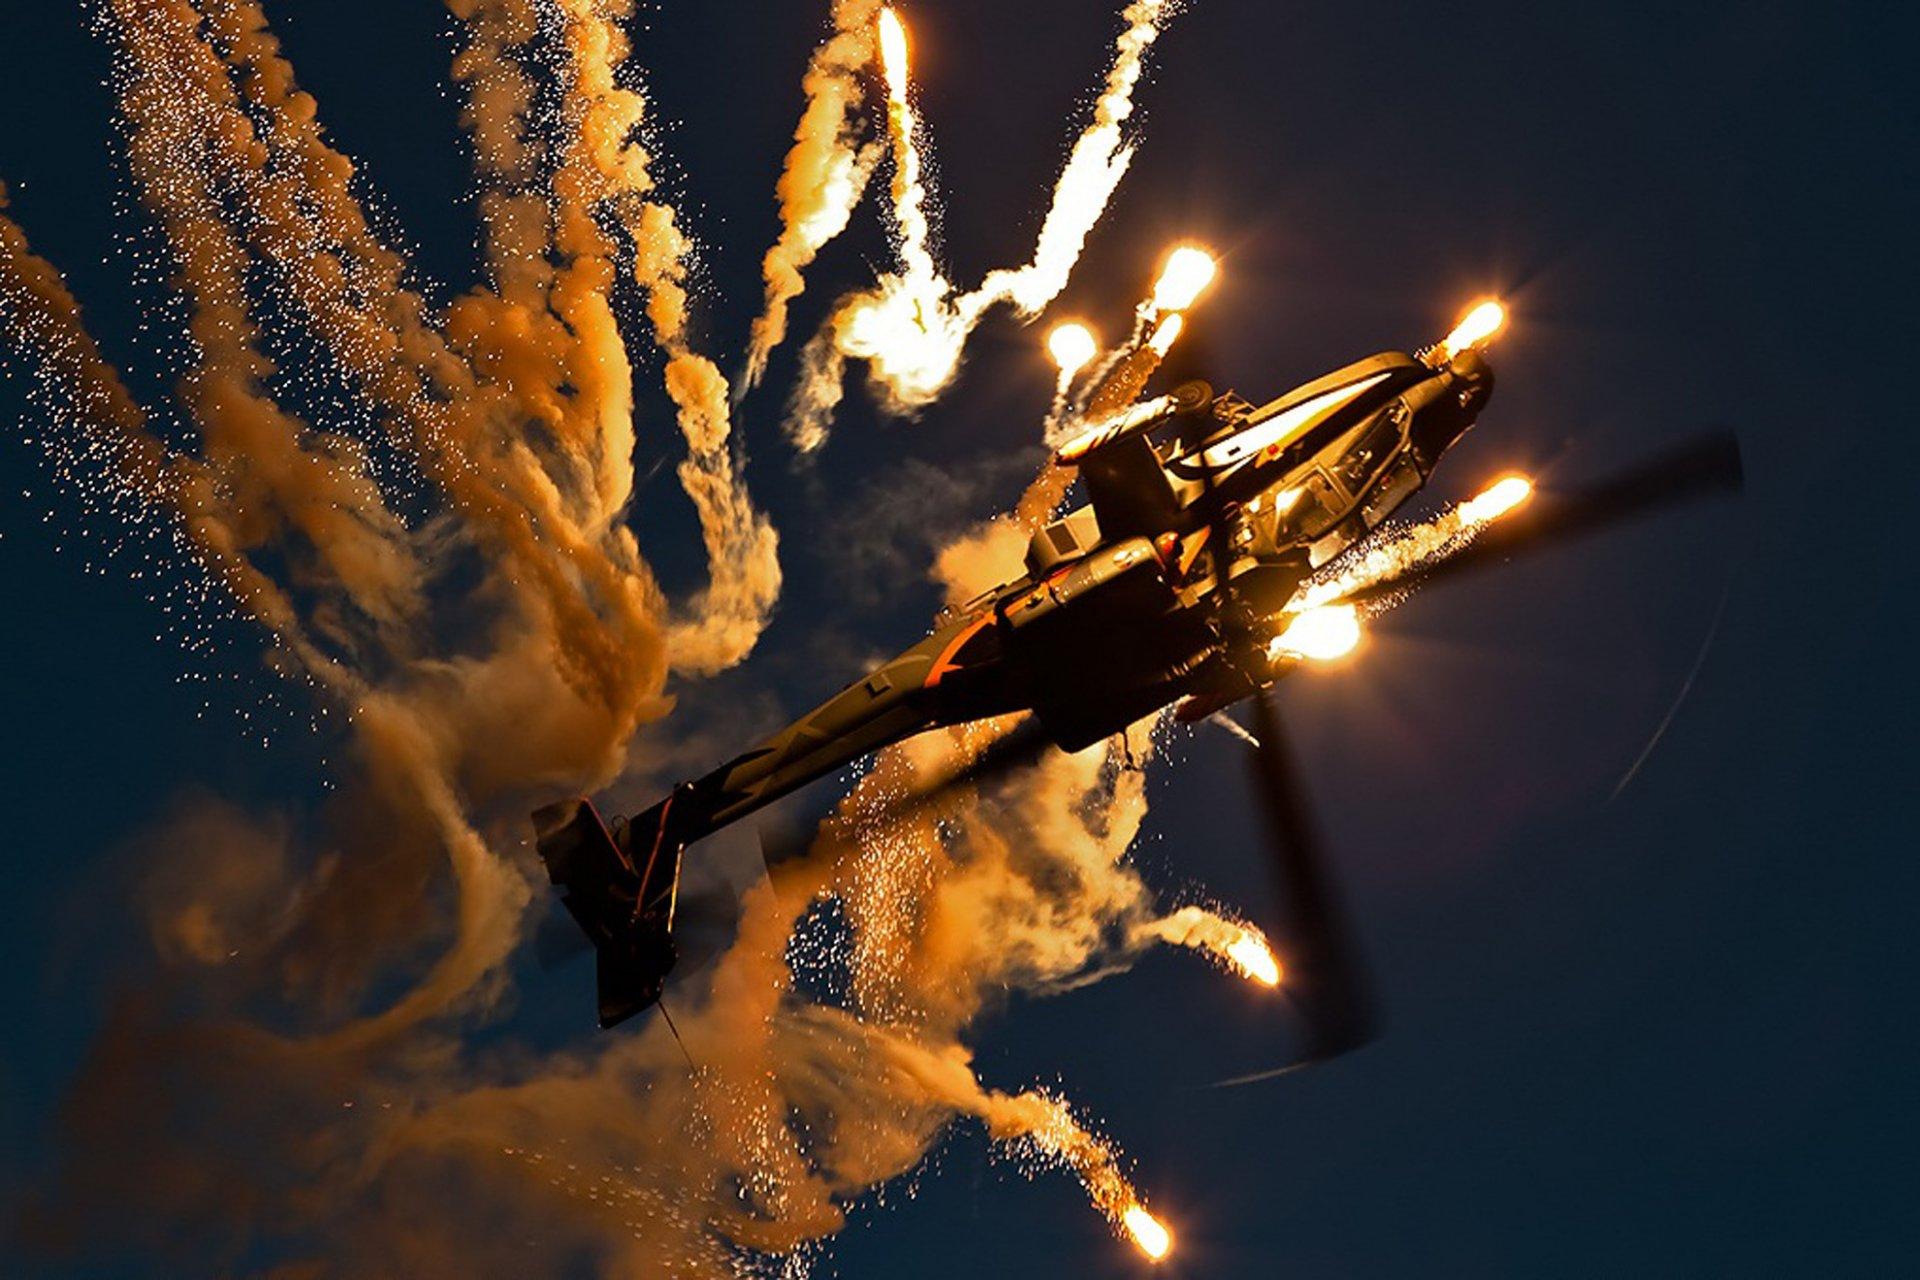 Искры, полет, огонь, вертолет, небо, самолет  № 3748975 загрузить